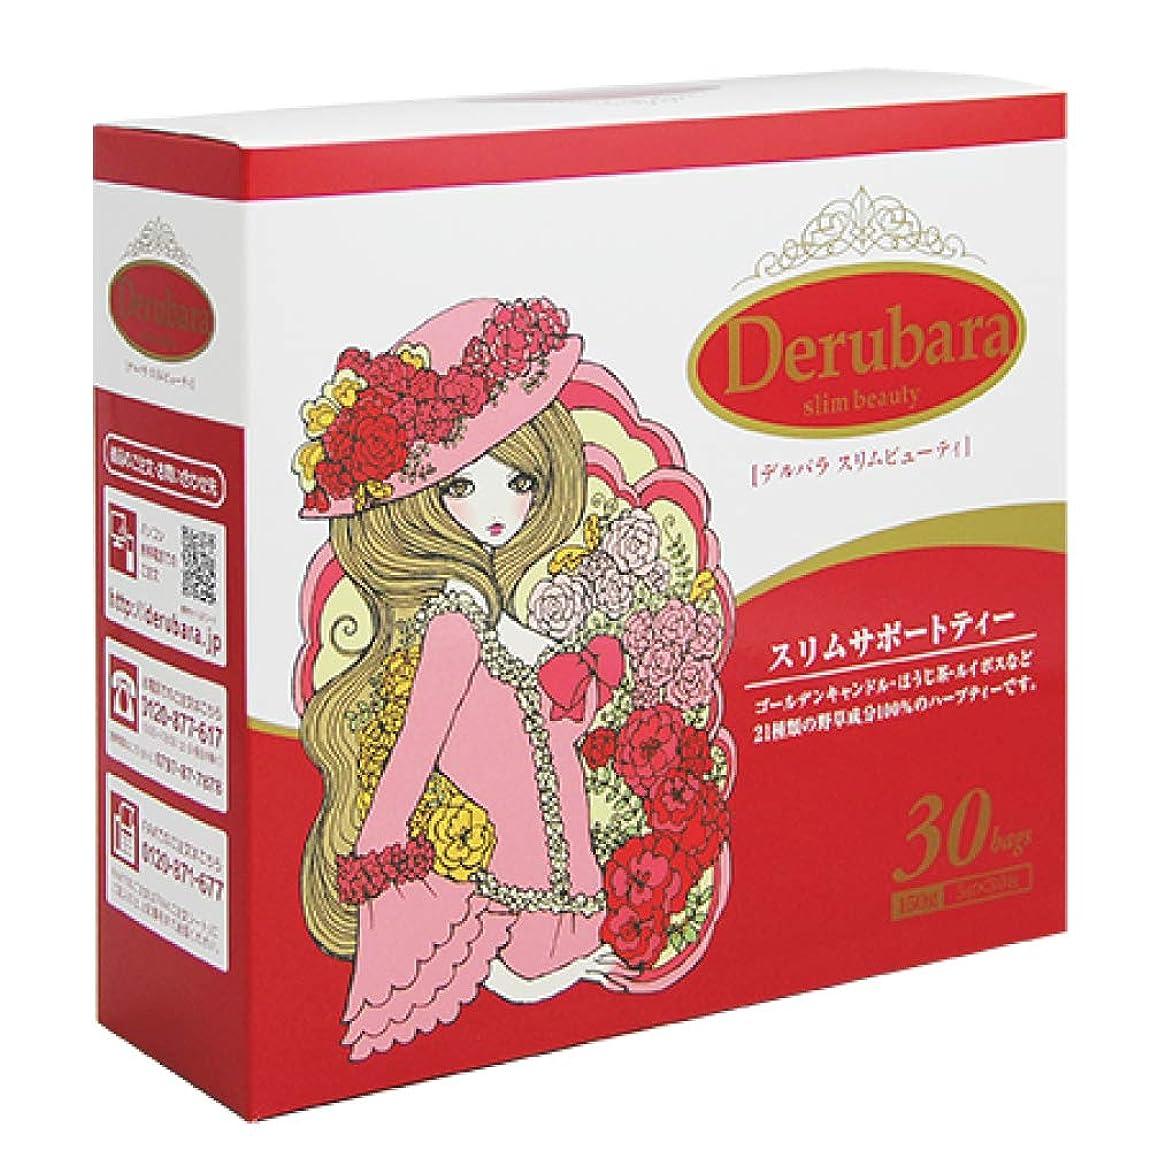 枝ソファー復讐デルバラスリムビューティ 2箱セット (1包5g×30包入)×2箱 朝スッキリ! キャンドルブッシュ お茶